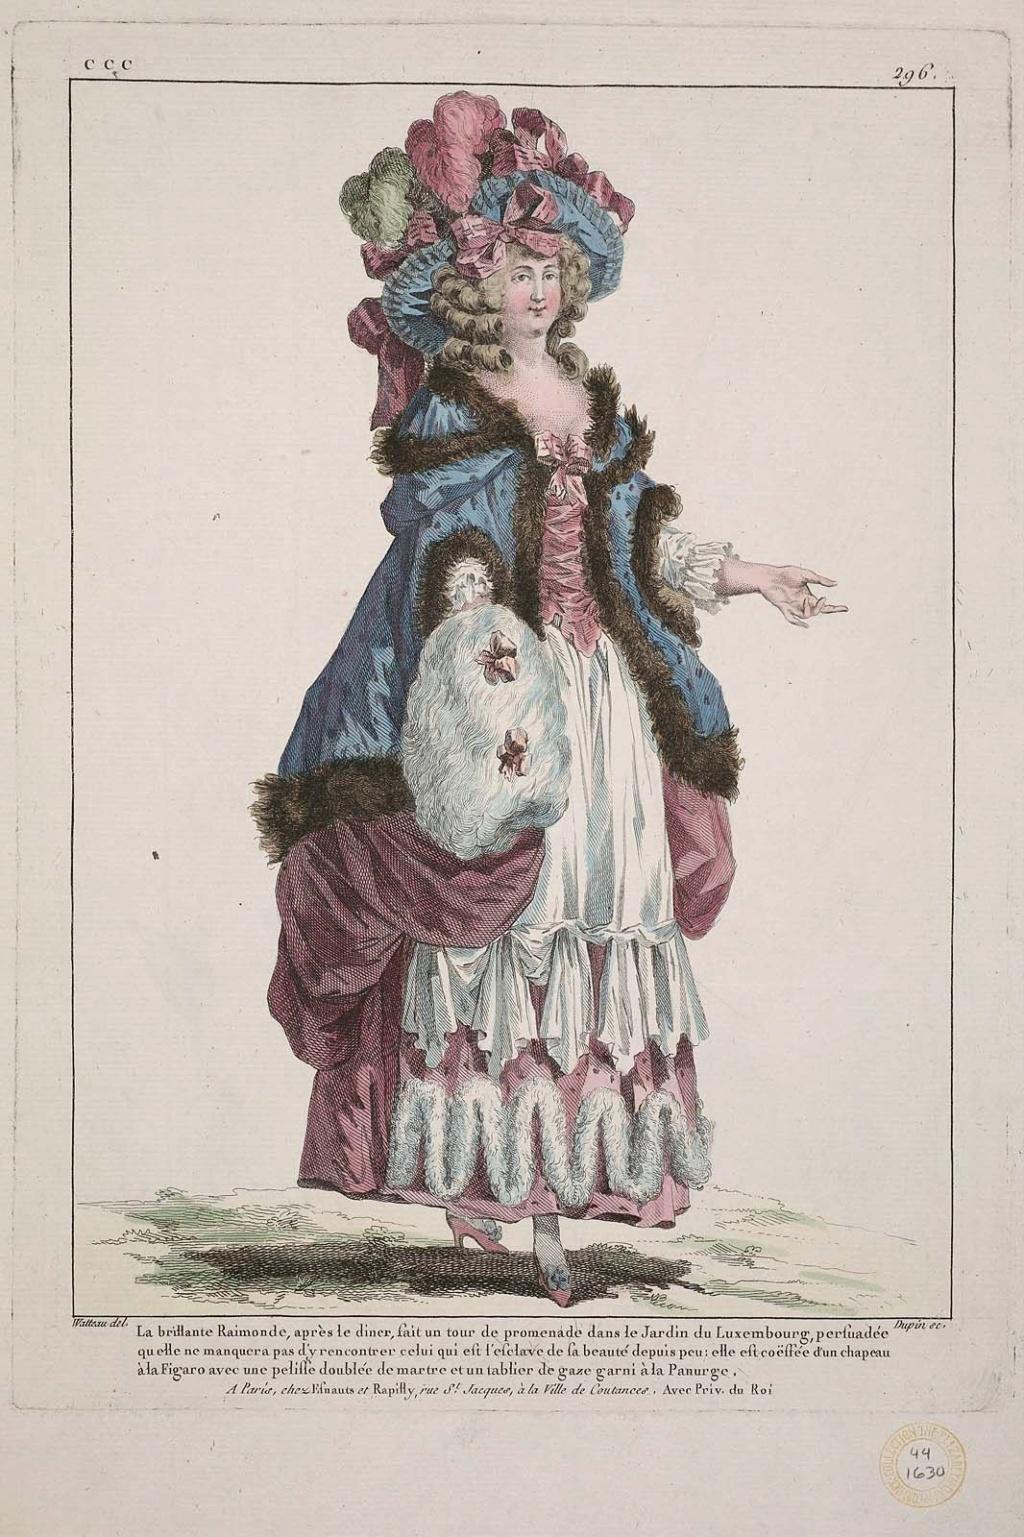 Galerie de portraits : Le manchon au XVIIIe siècle  - Page 3 1542